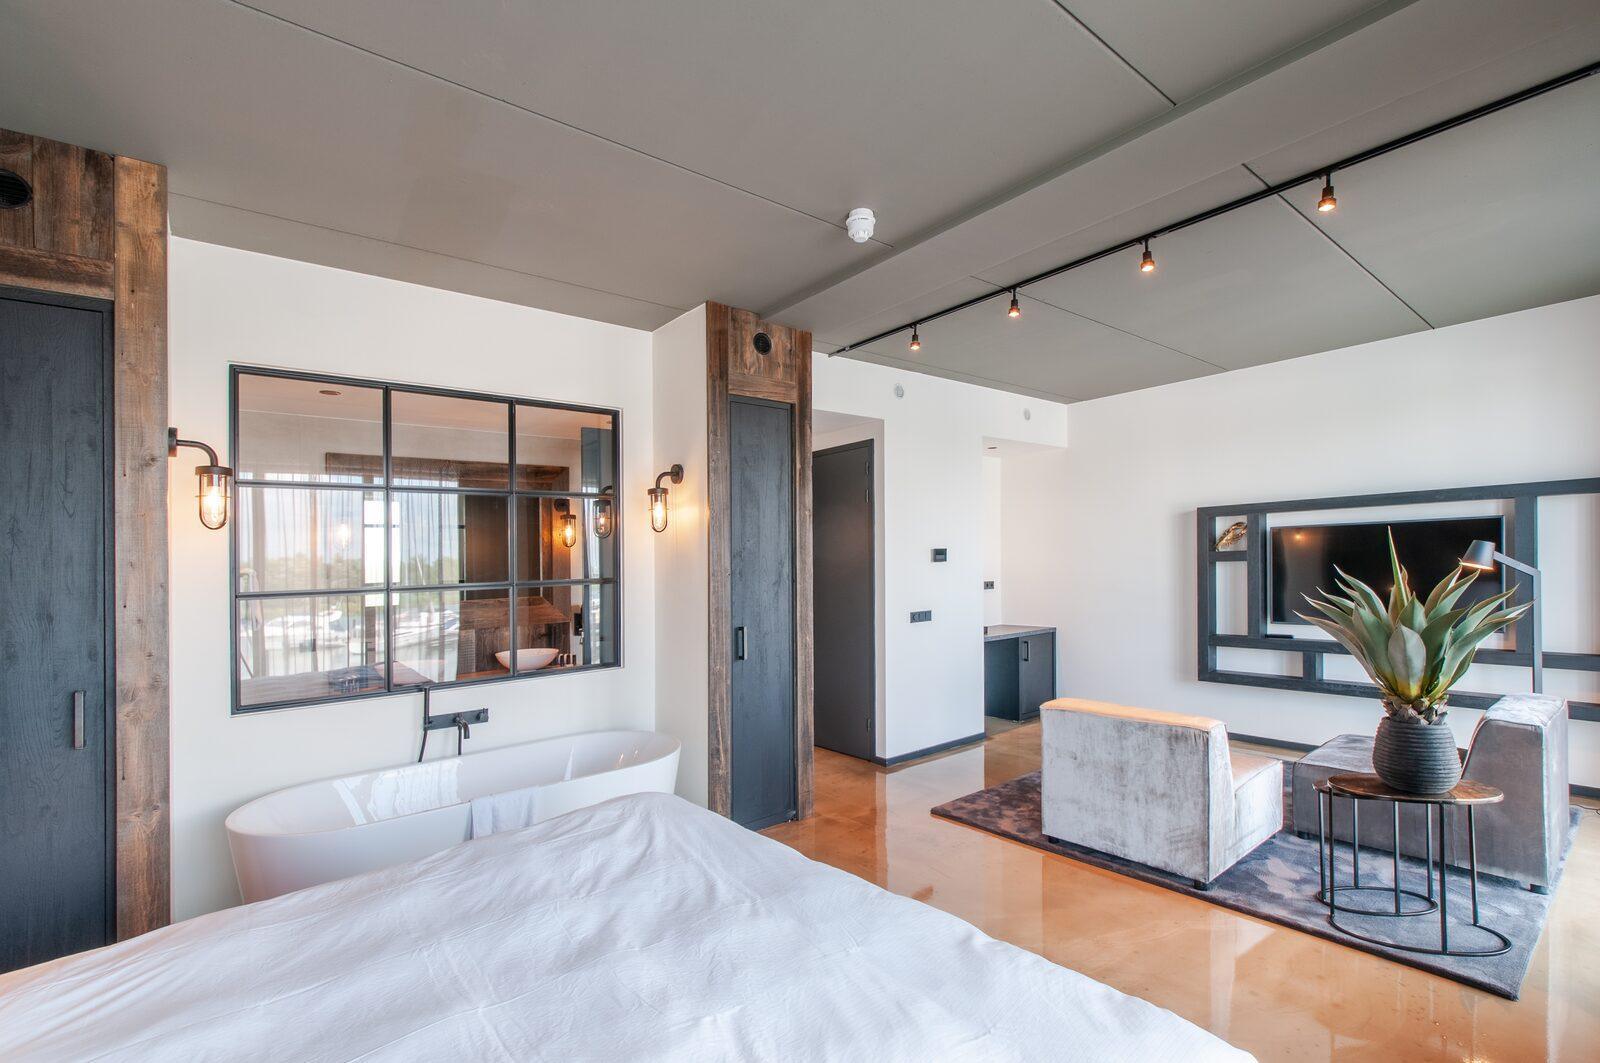 Buchen Sie ein Last-Minute-Hotel Zeeland